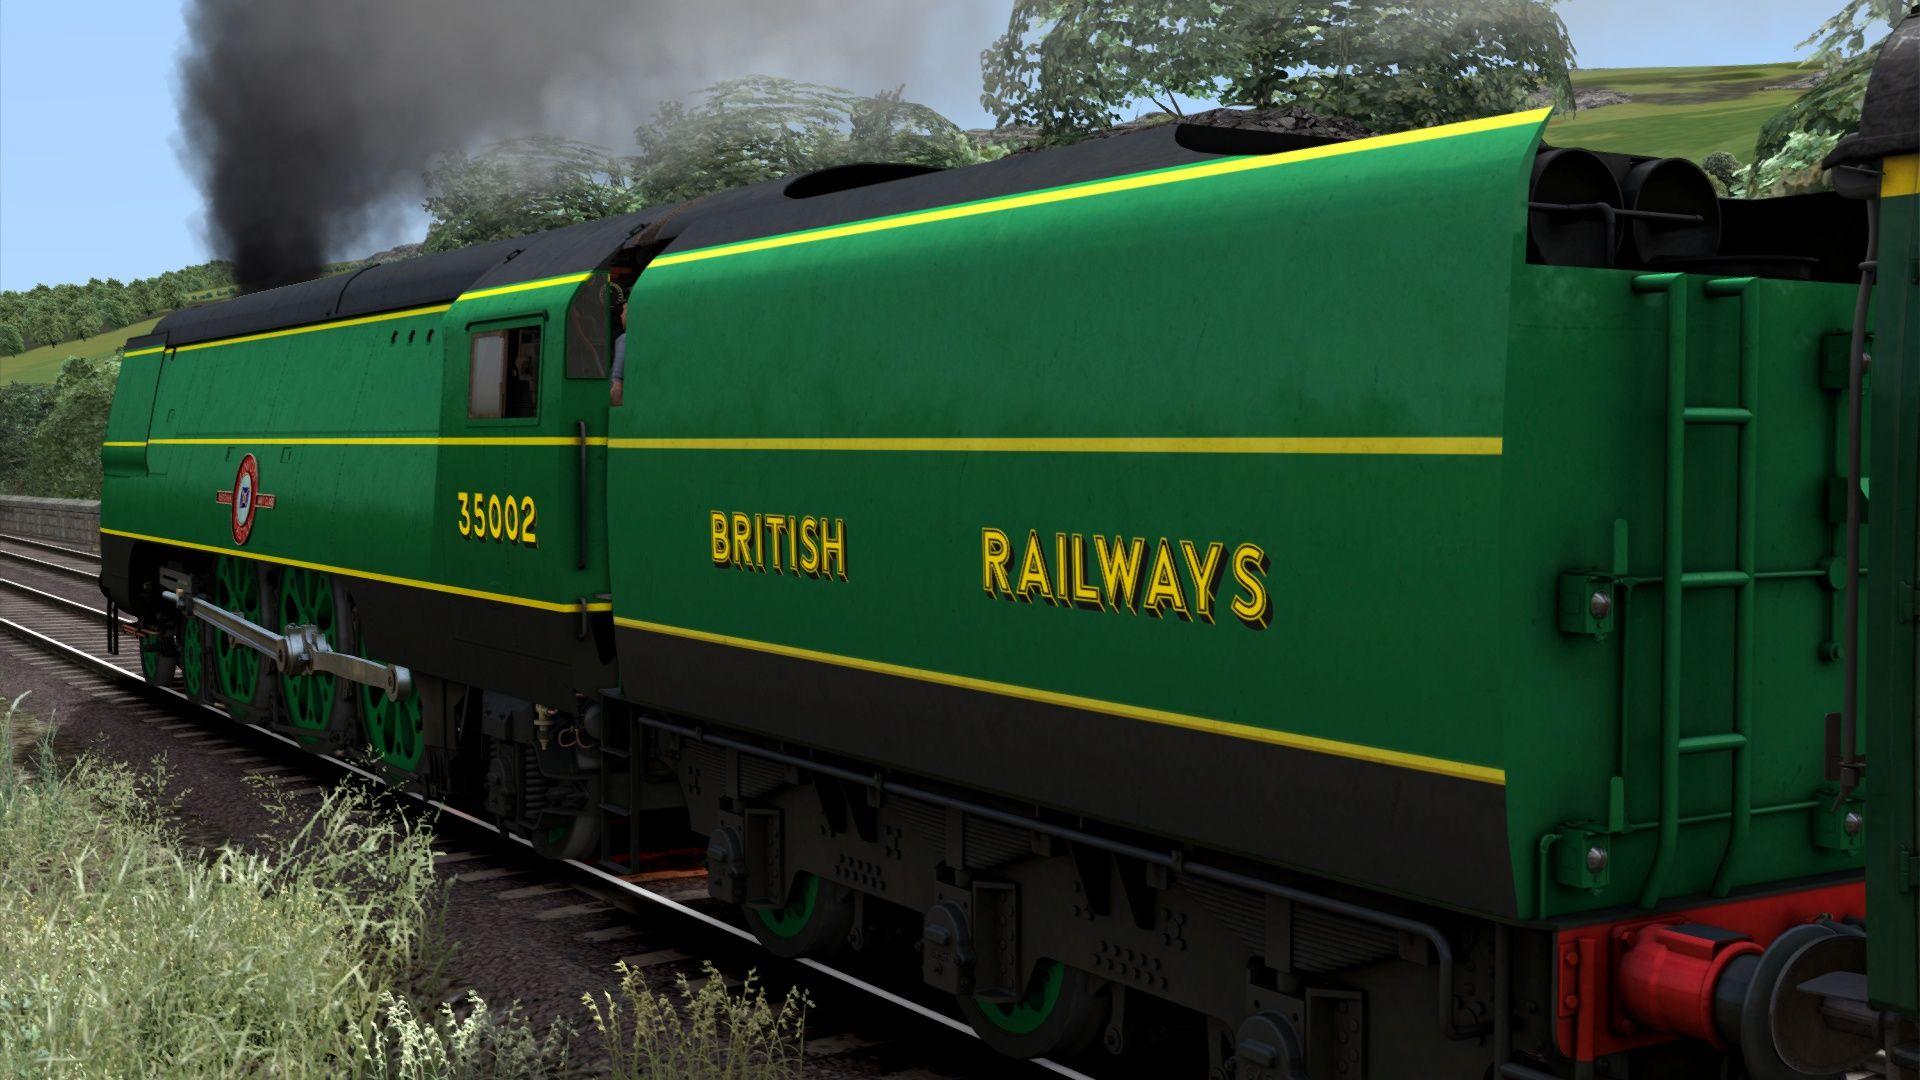 Screenshot_Settle to Carlisle_54.06790--2.28031_11-01-05.jpg